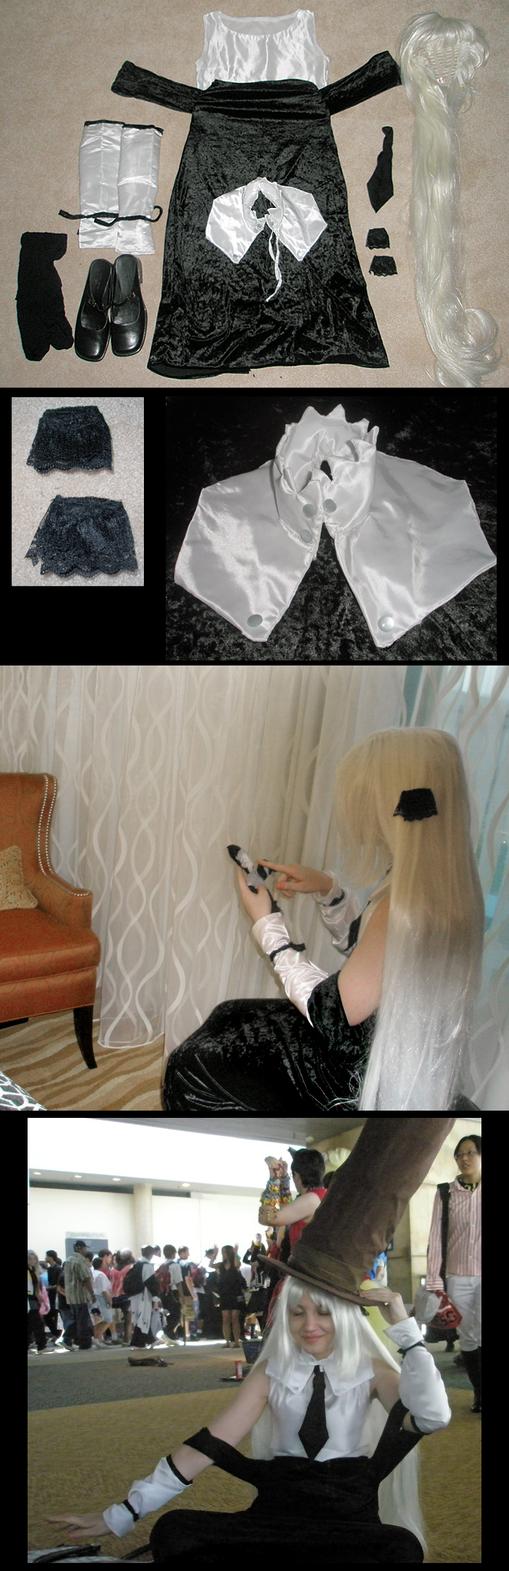 Lilith Cosplay - Otakon 2009 by Caretaker-of-Myth